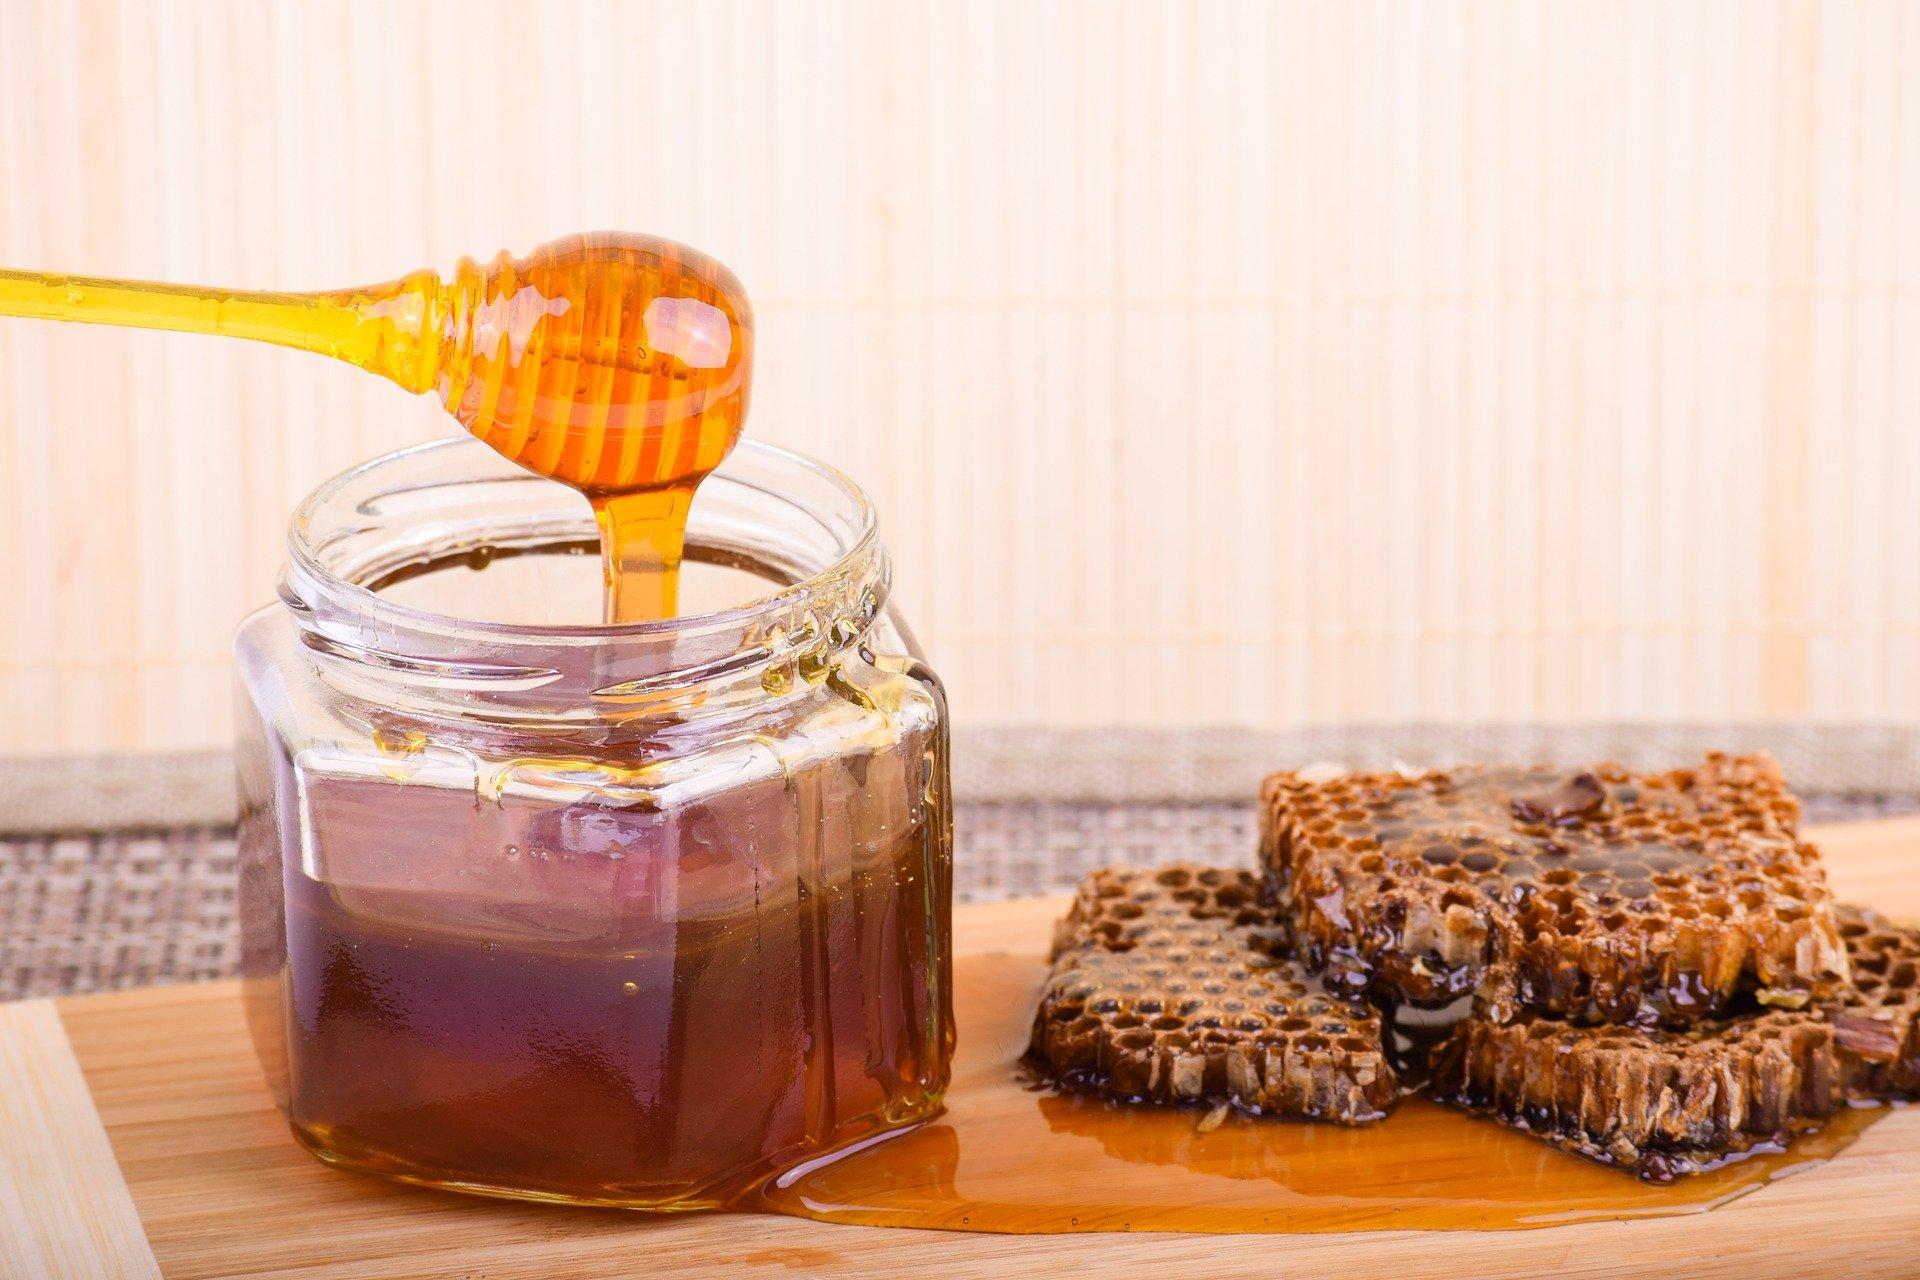 Cuillère dans un pot transparent avec du miel coulant sur les alvéoles